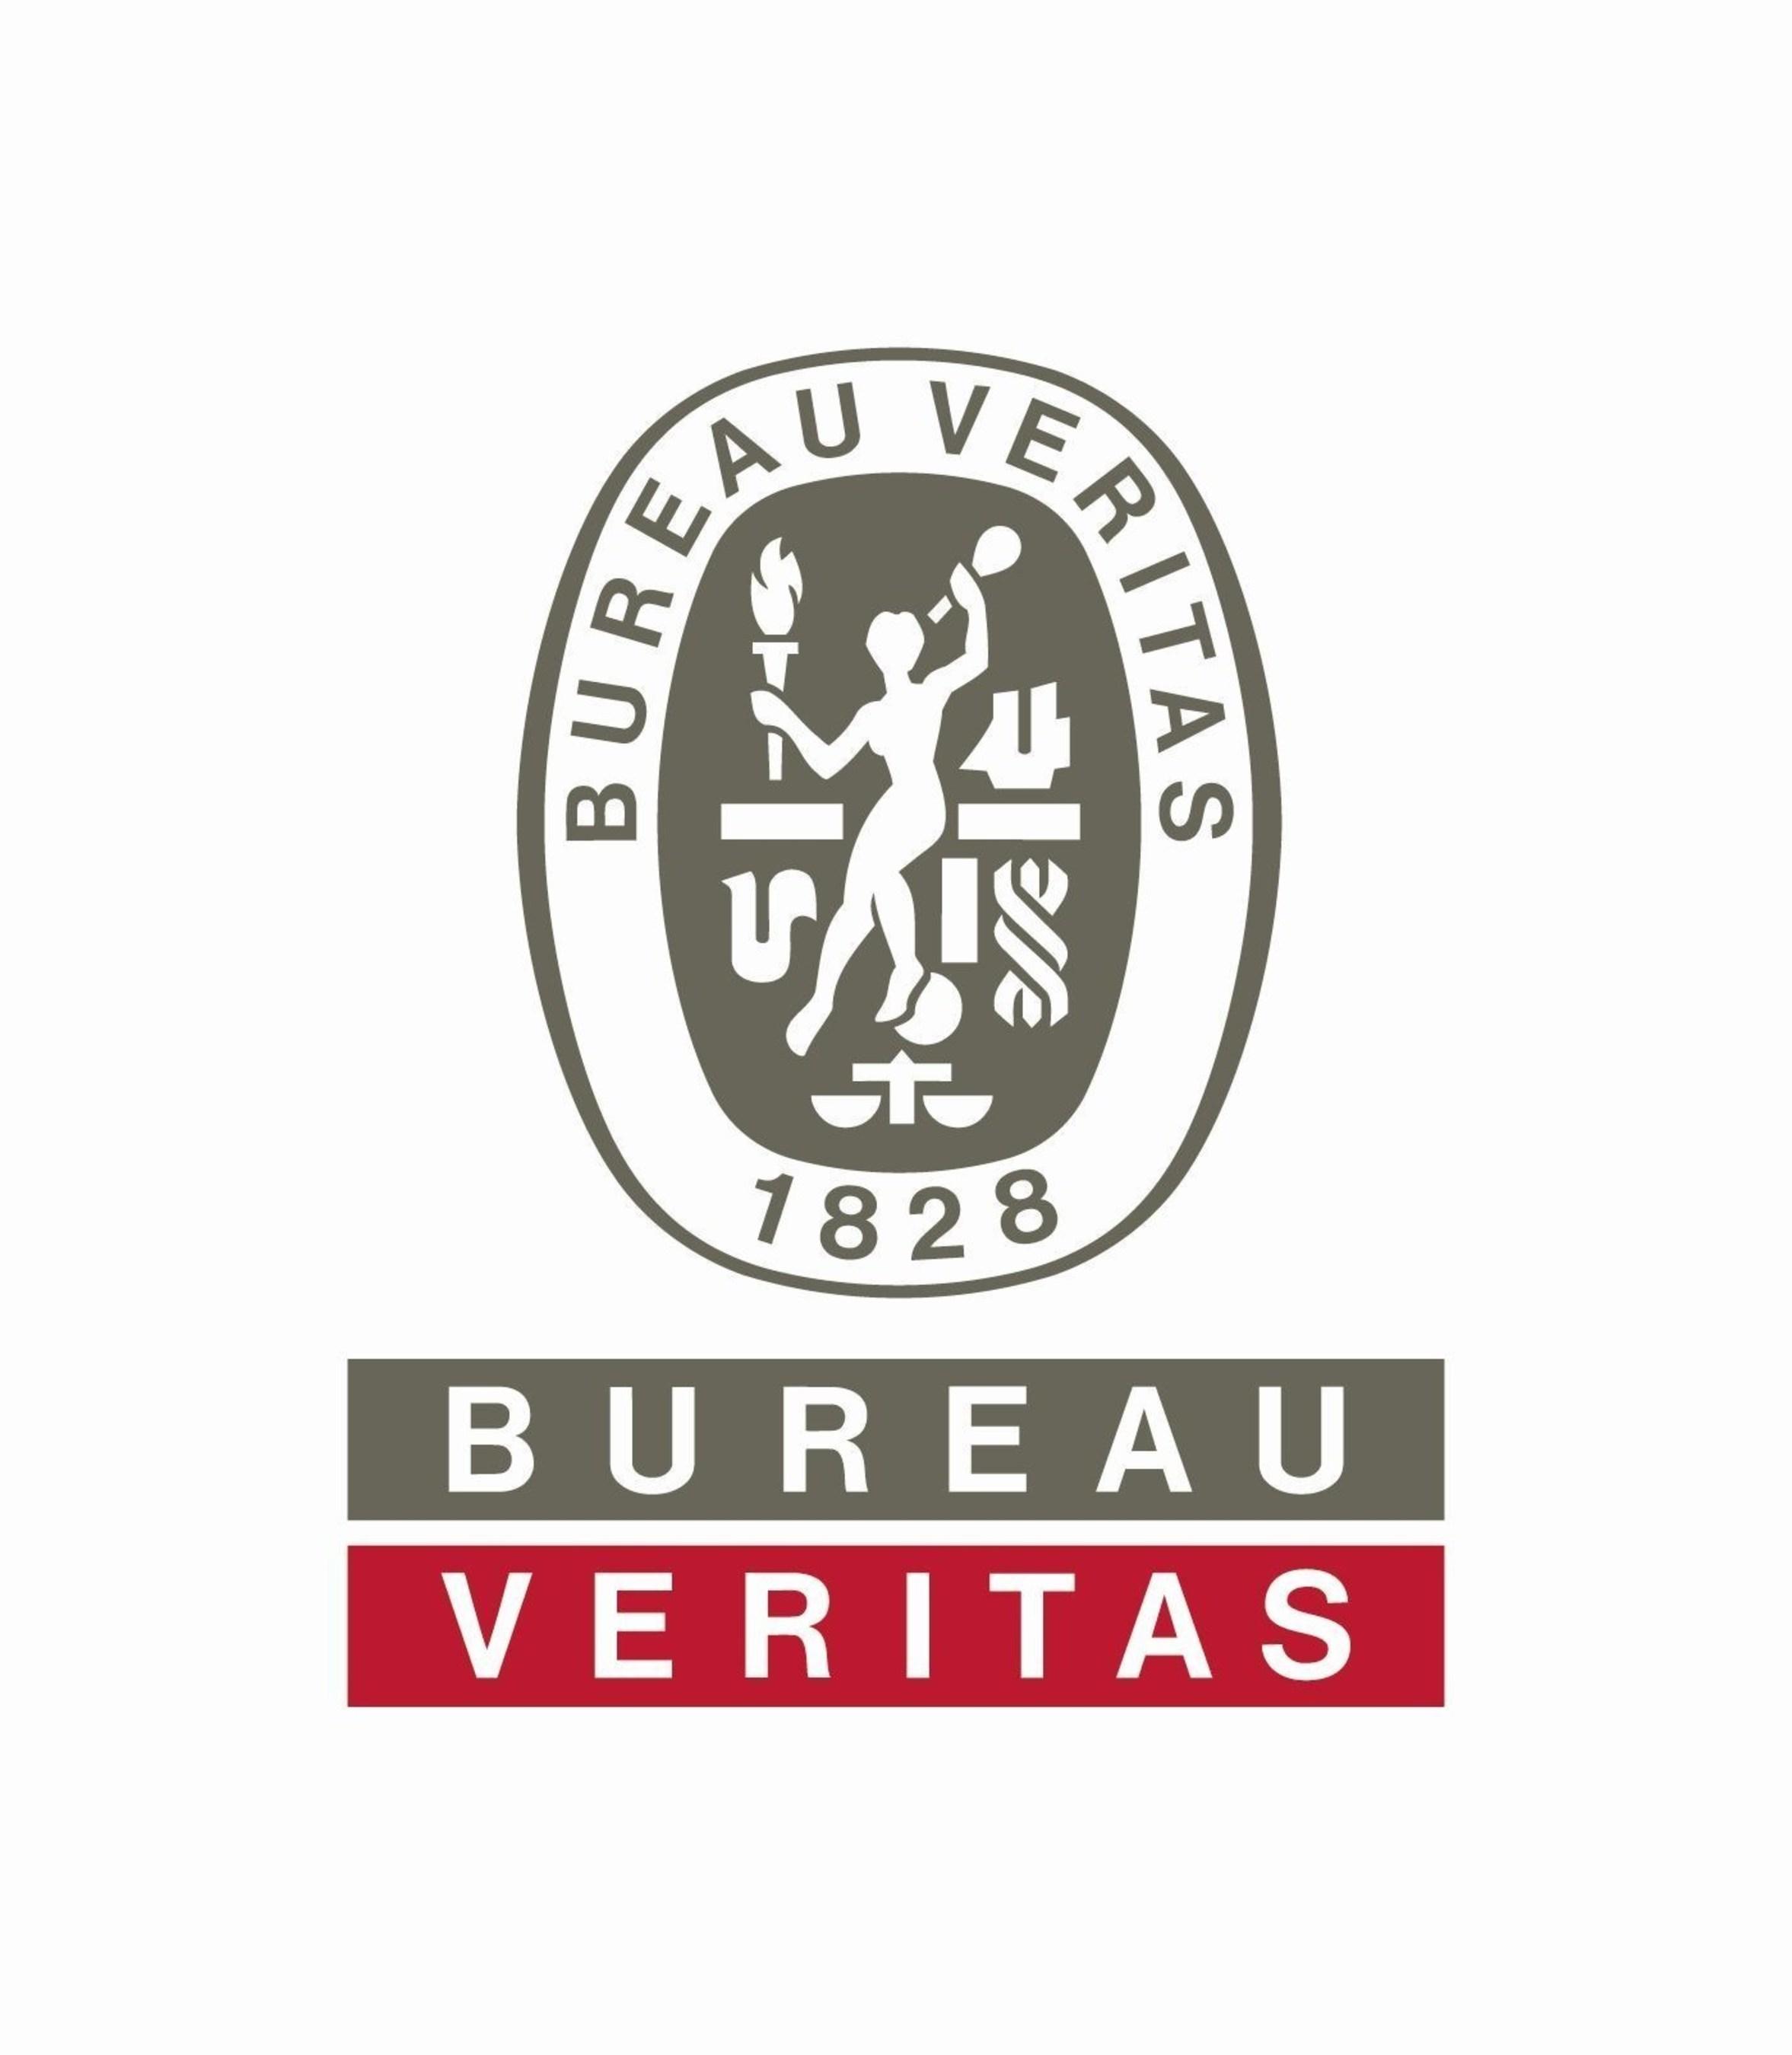 Bureau Veritas Consumer Products Services (PRNewsFoto/Bureau Veritas Consumer Products) (PRNewsFoto/Bureau Veritas Consumer Products)